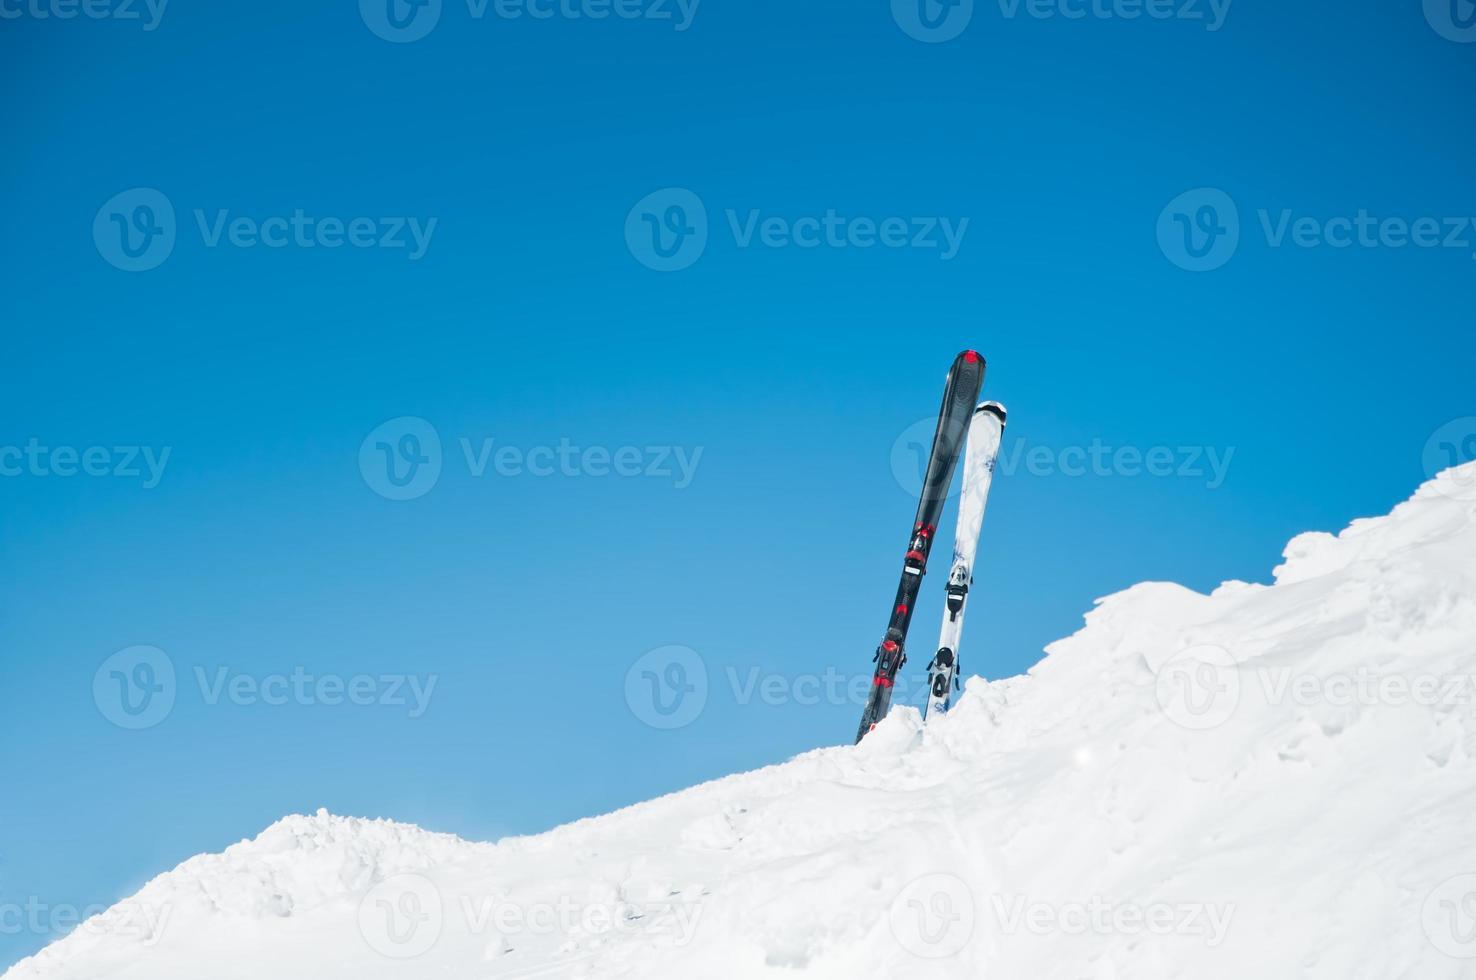 Bild von Skiern am Hang, am Winterresort foto